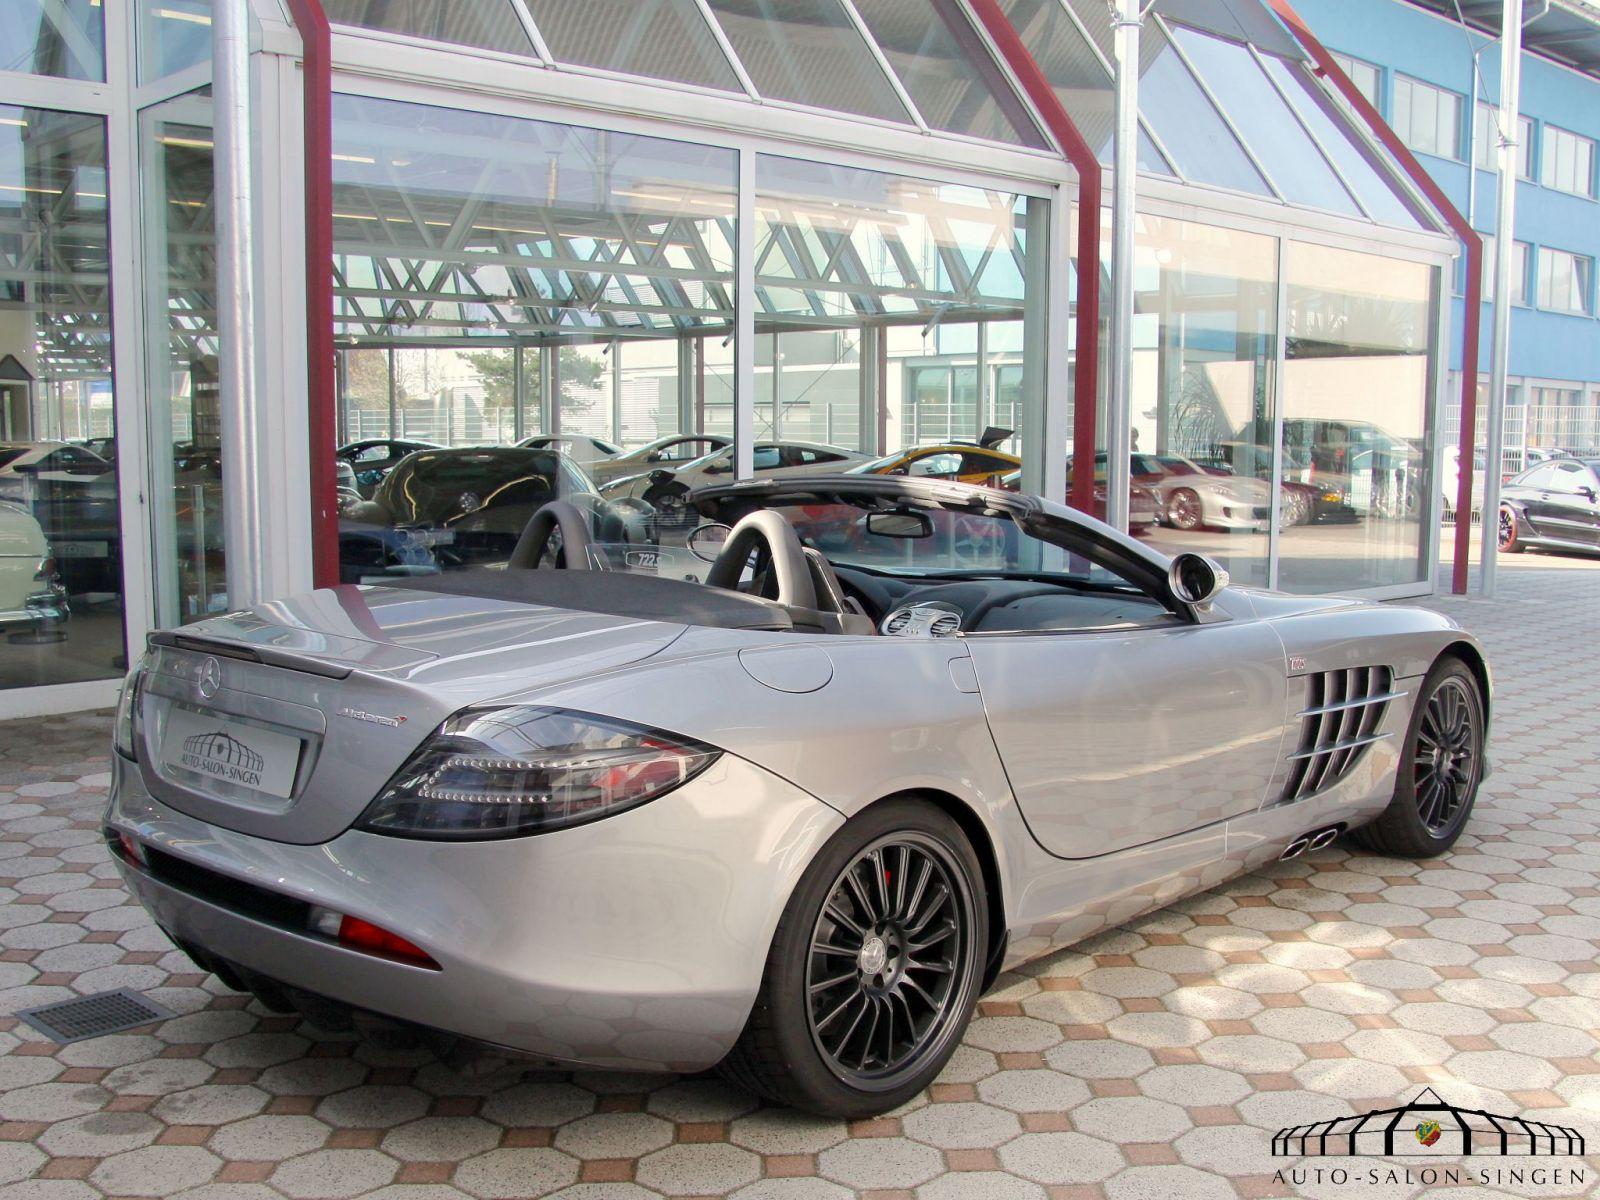 Mercedes benz slr mclaren roadster 722 s roadster auto for Mercedes benz slr mclaren